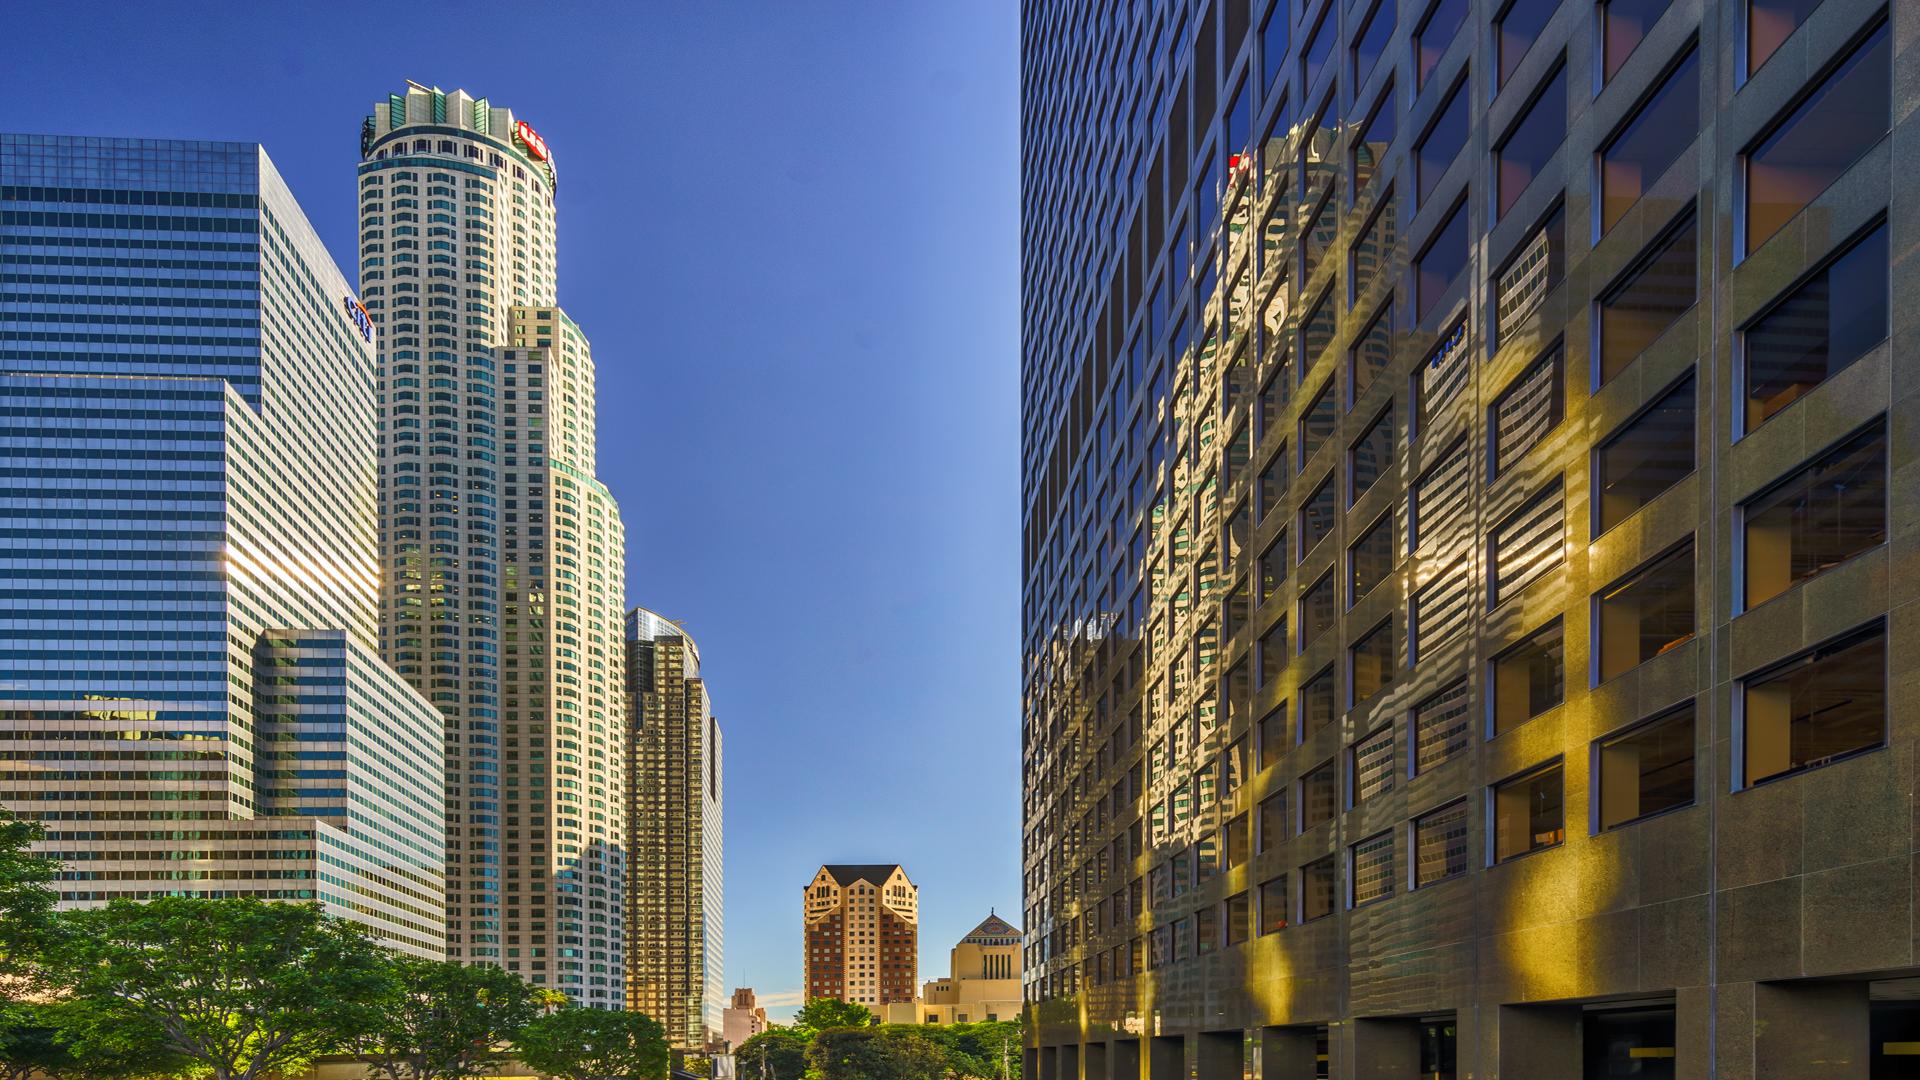 DowntownLA1, Los Angeles cityscape